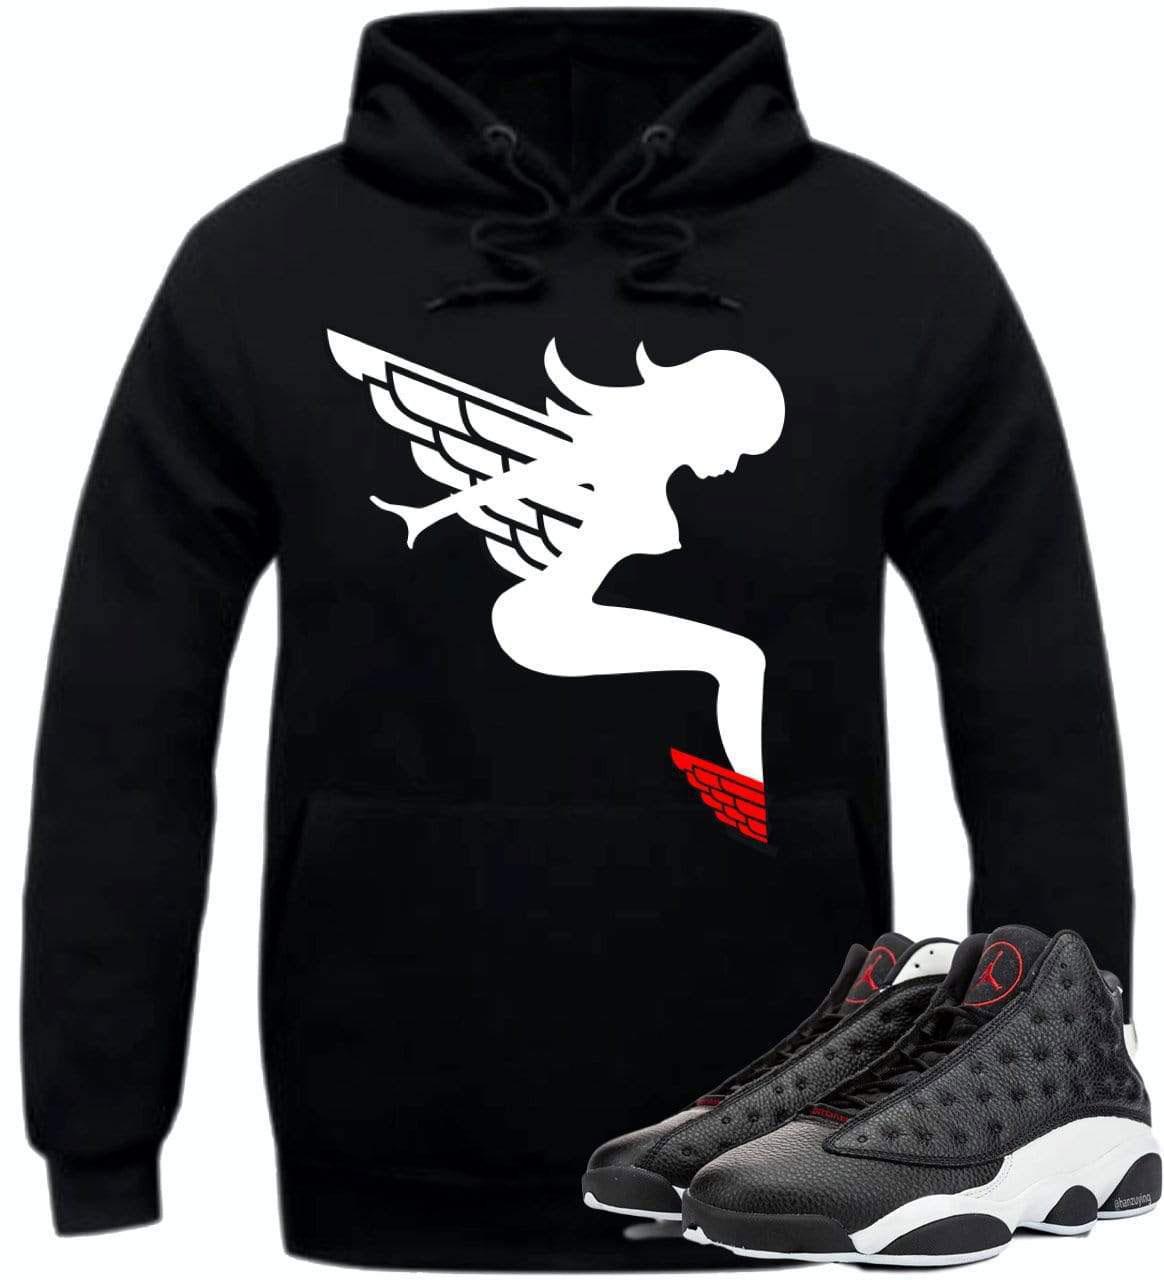 jordan-13-reverse-he-got-game-sneaker-hoodie-retro-kings-2